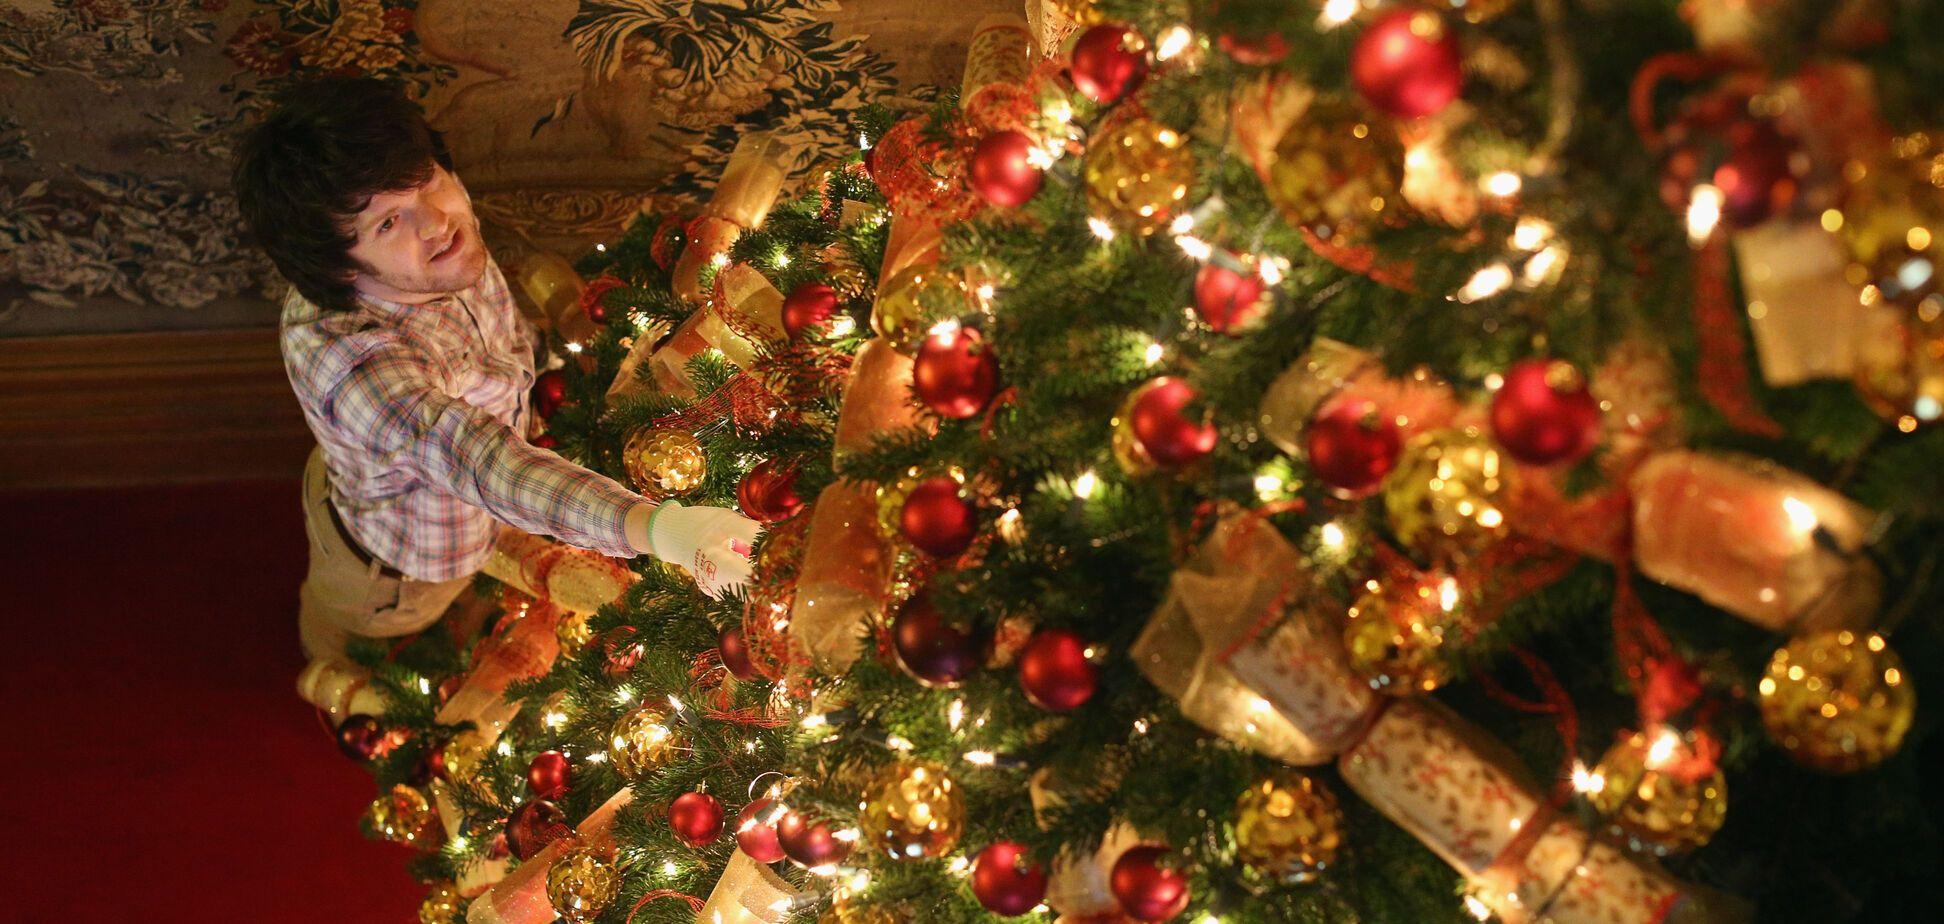 В Україні почали продавати новорічні ялинки: названі ціни